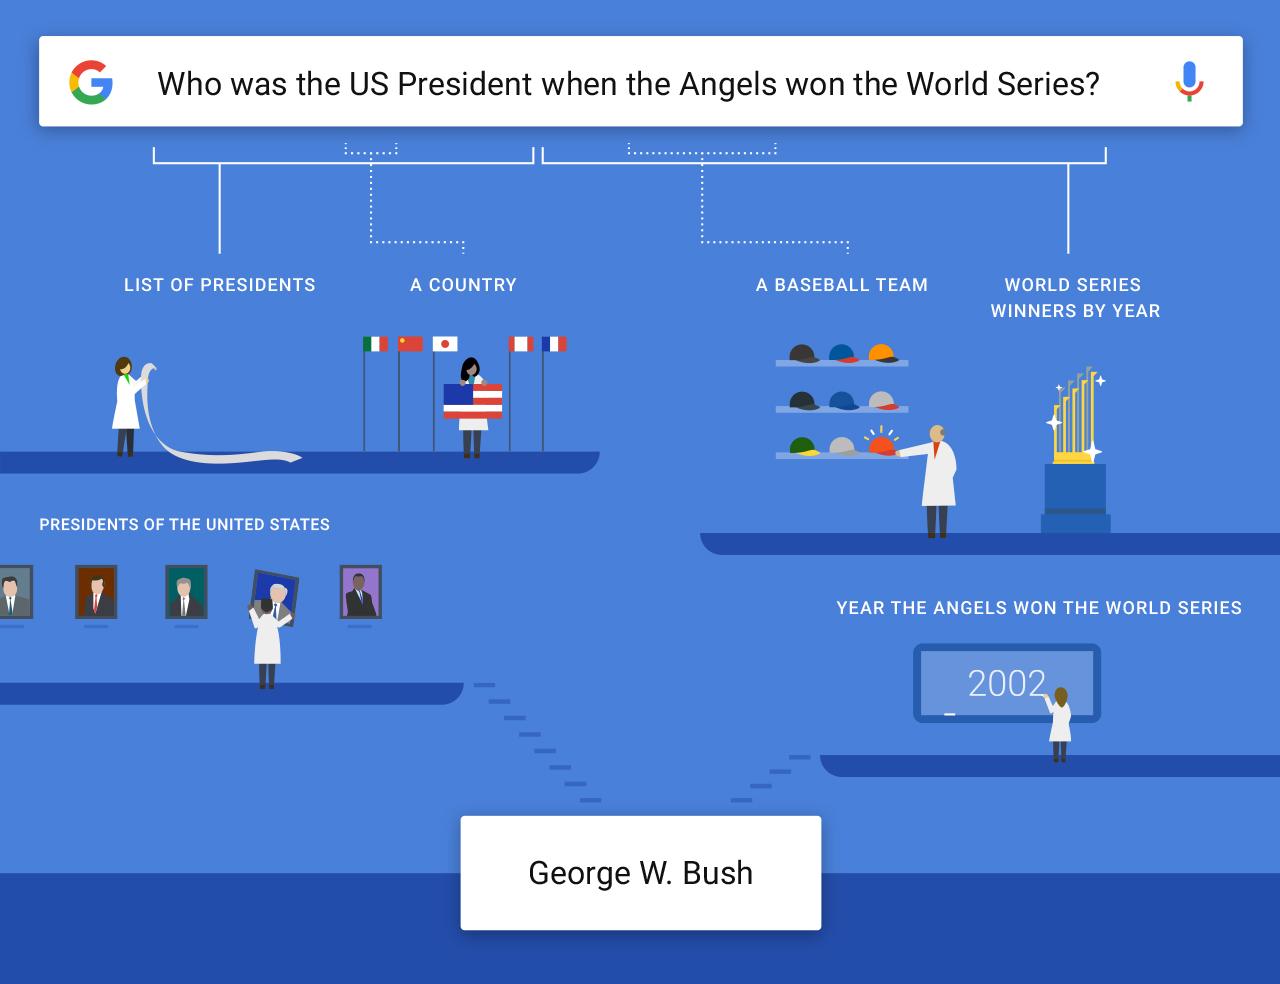 Google est maintenant capable de comprendre des questions un peu plus complexes